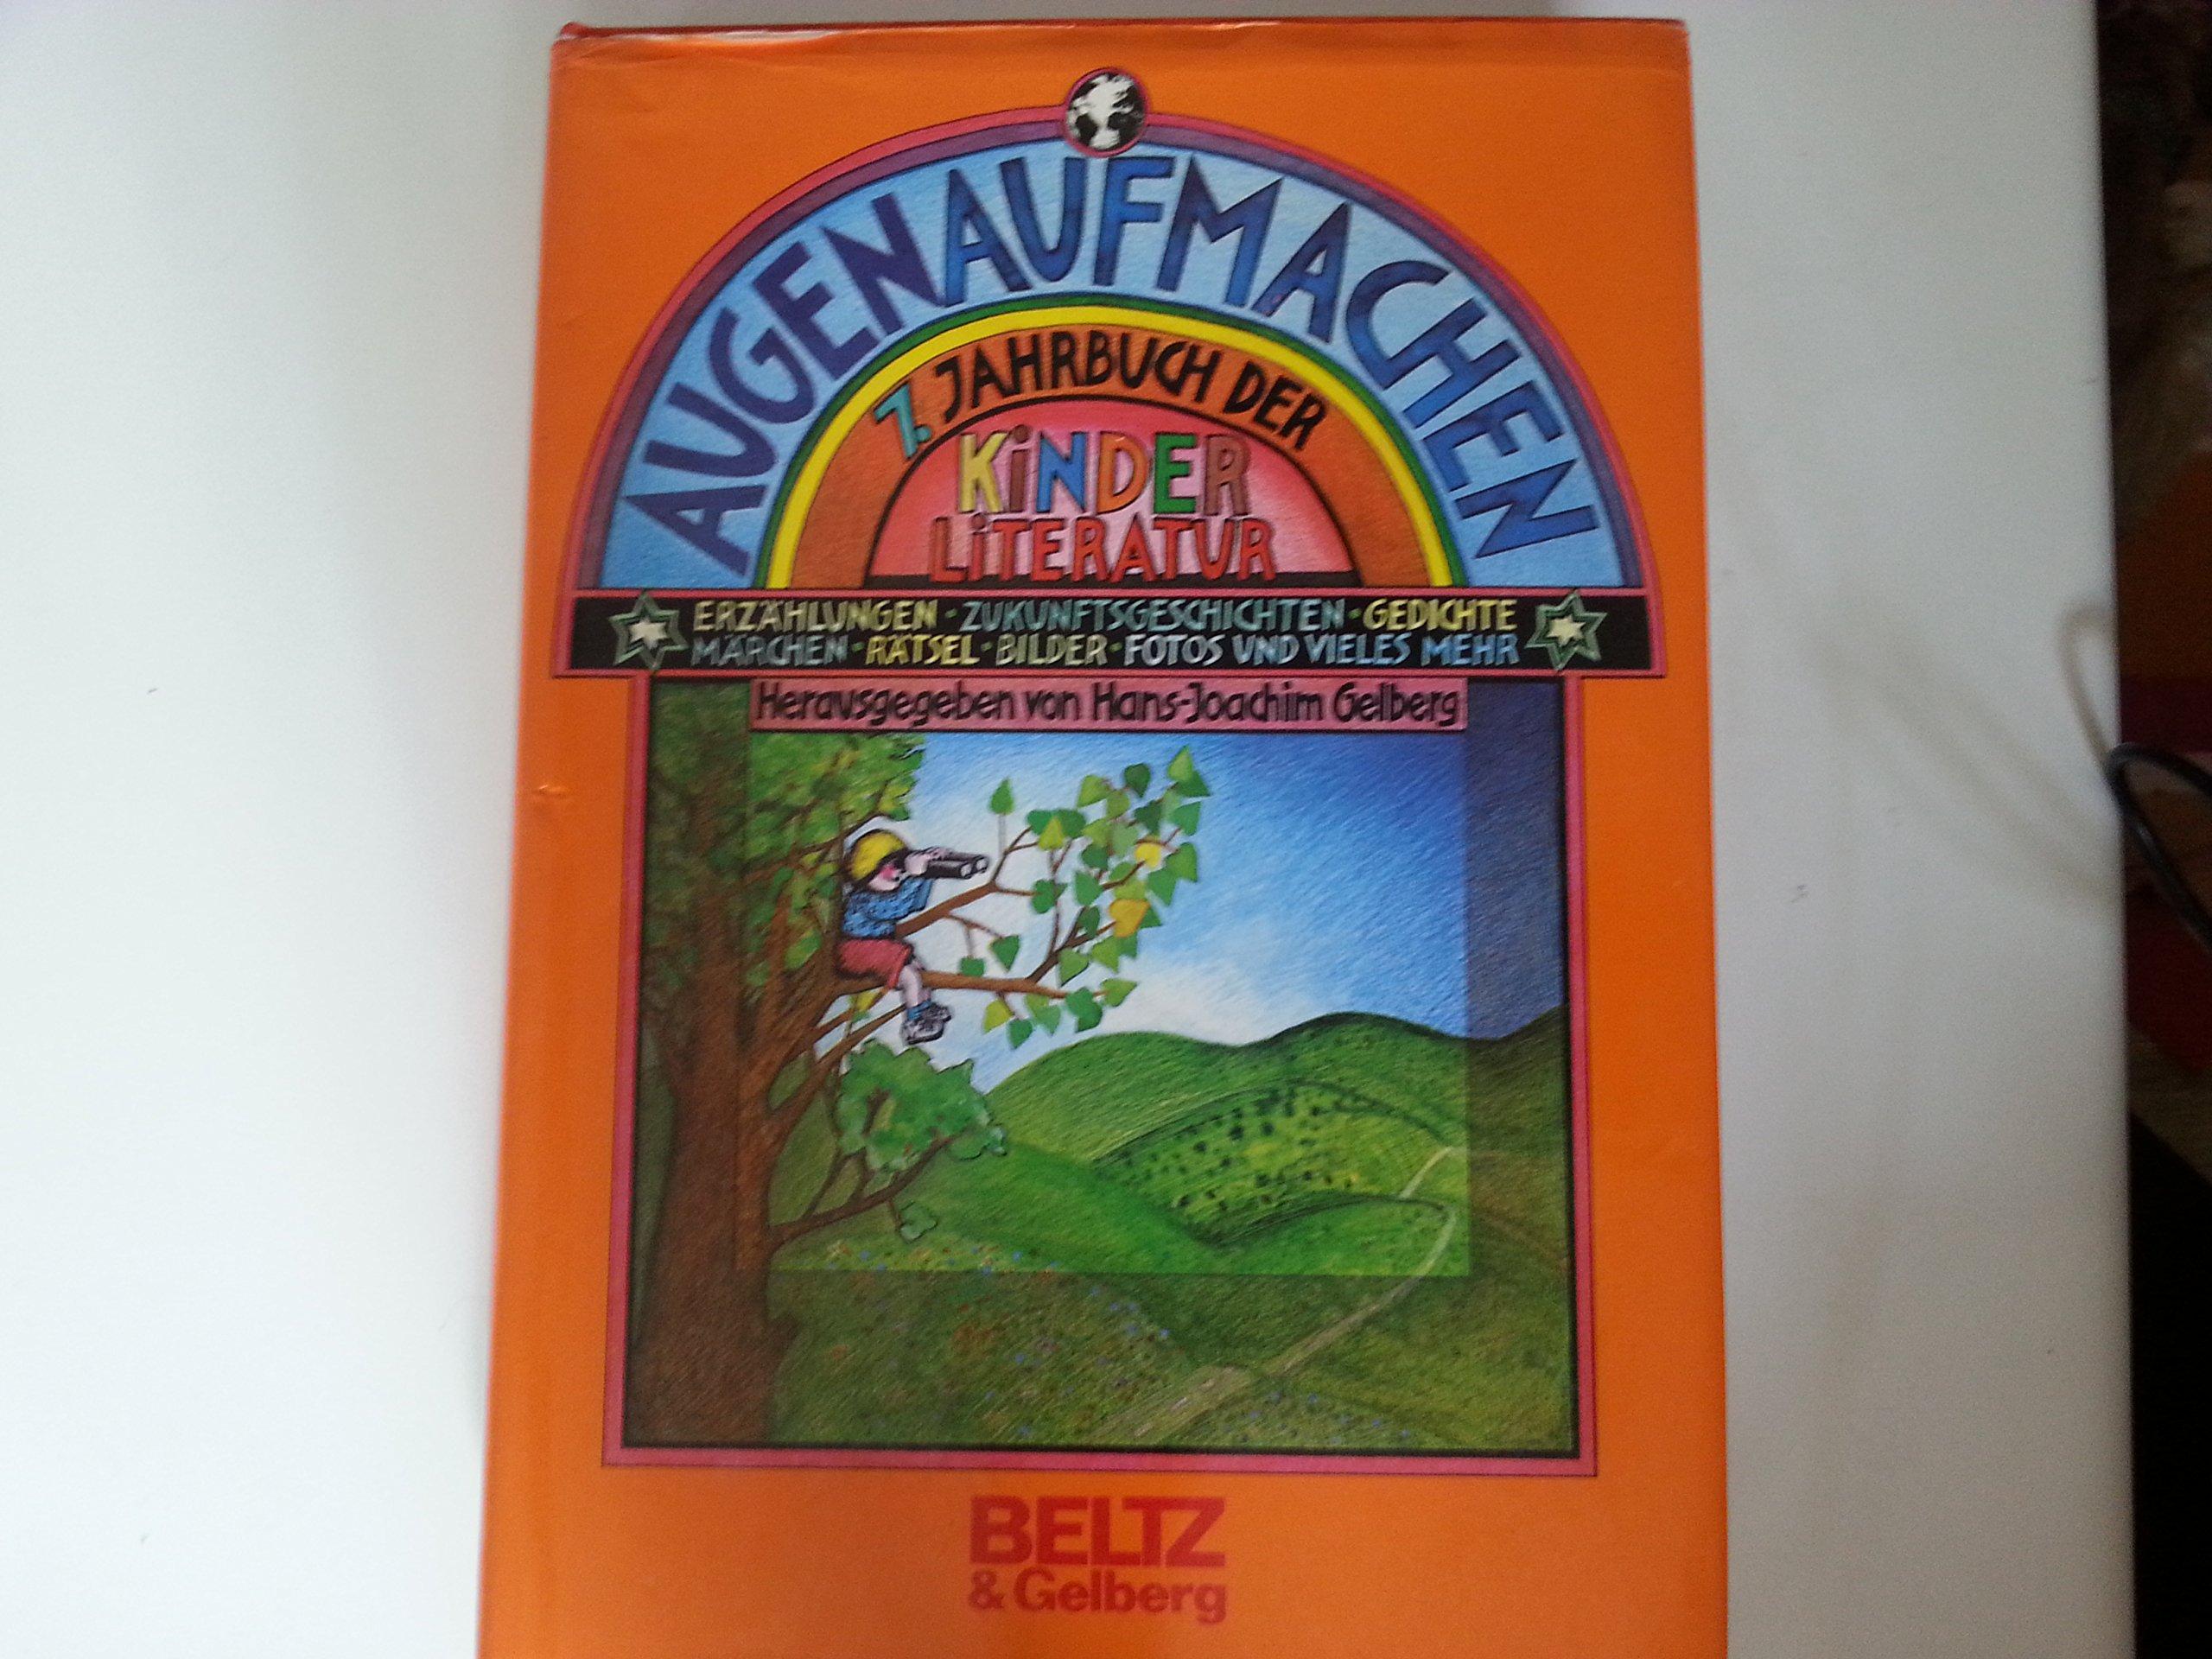 Augenaufmachen: Siebtes Jahrbuch der Kinderliteratur. Erzählungen, Gedichte, Märchen, Rätsel, Zukunftsgeschichten, Wörterzoo, Friedenstexte, Bilder und vieles mehr (Beltz & Gelberg)